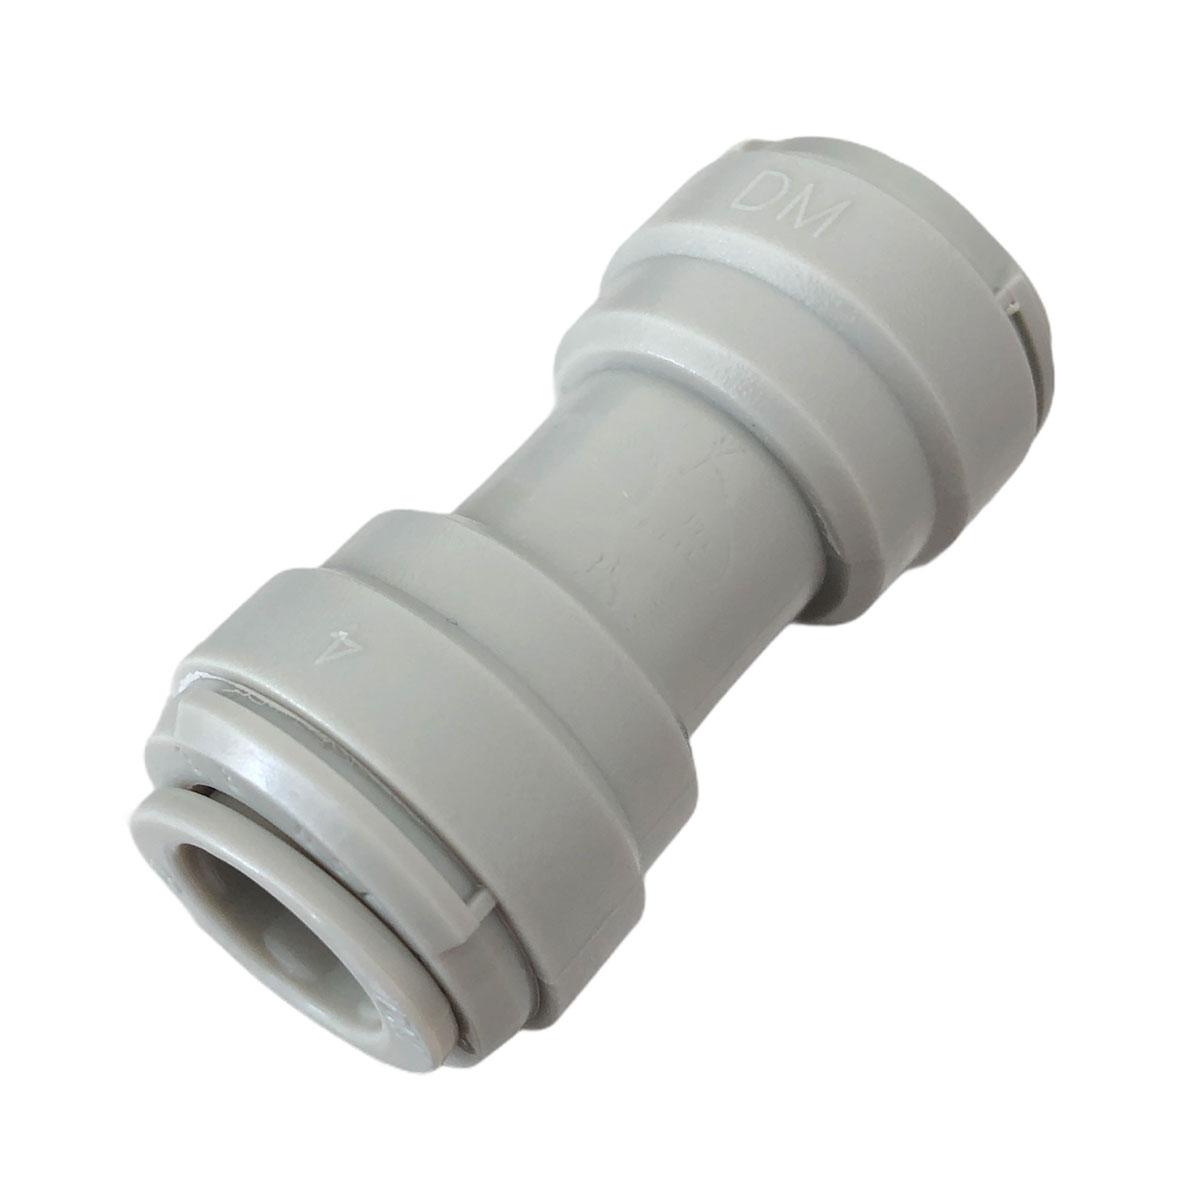 DMFIT - Conexão rápida União tubo 3/8 X 3/8